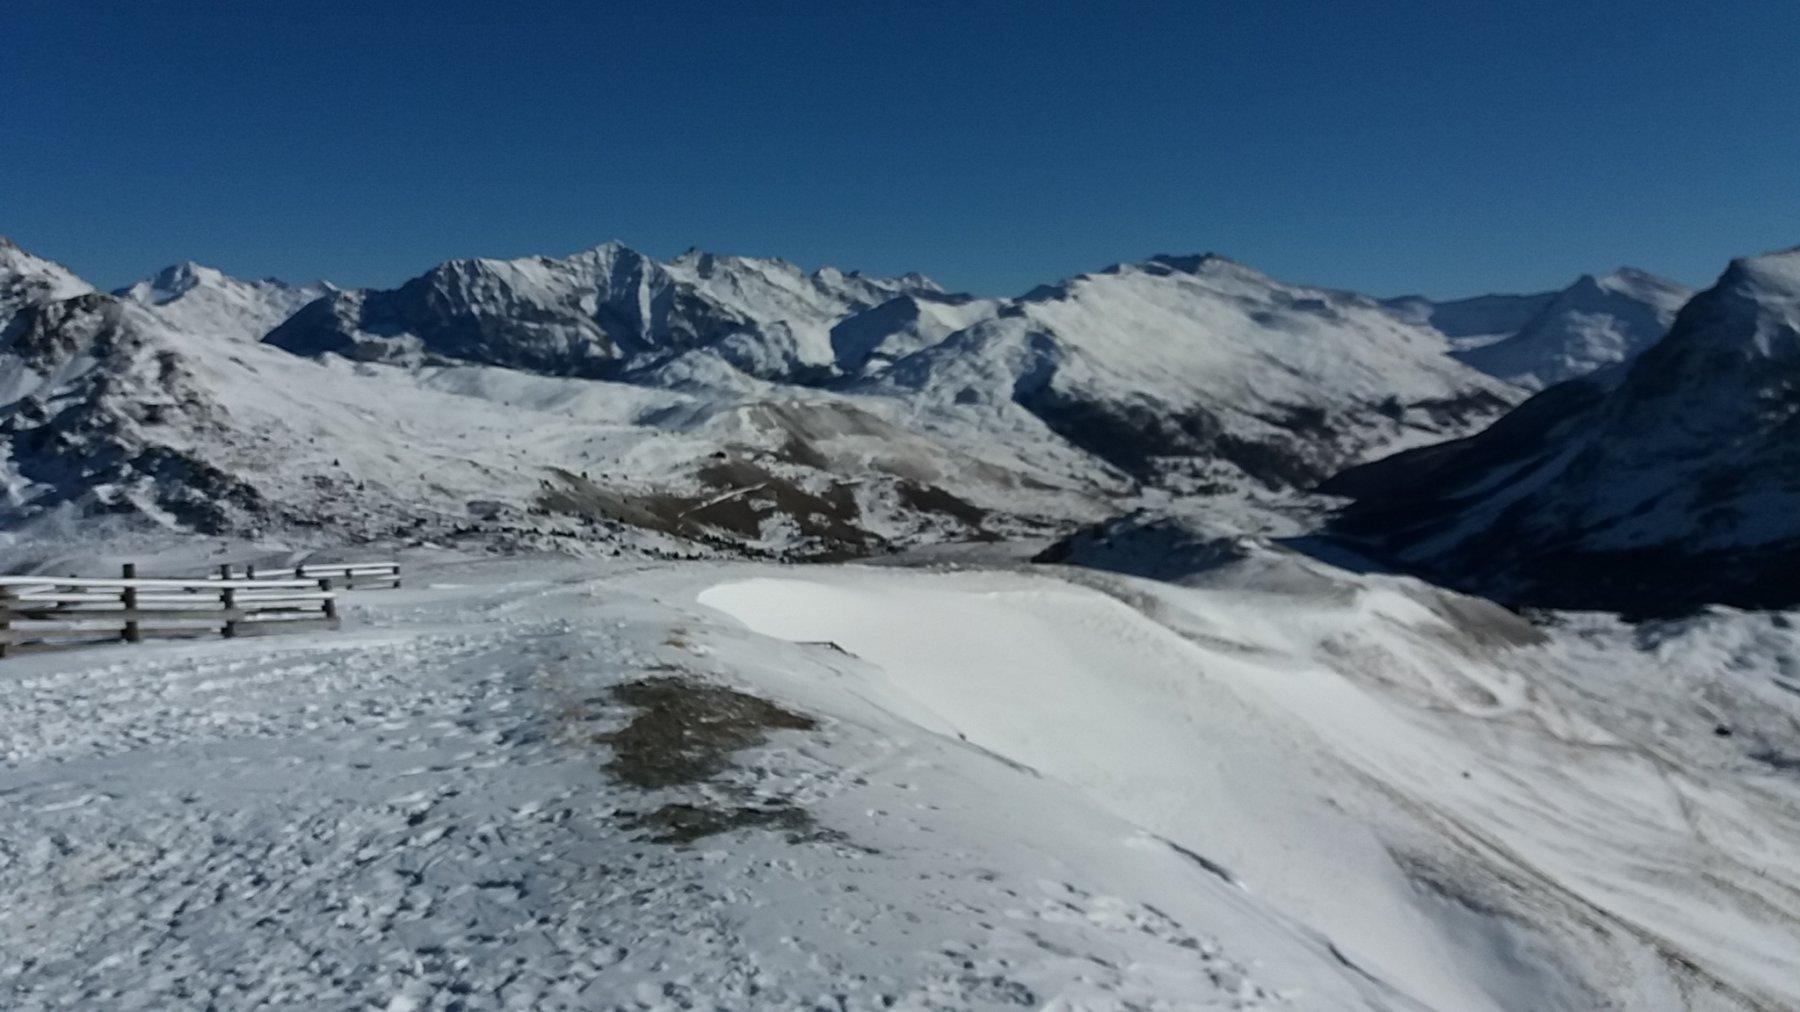 Il panorama un po' desolante per la scarsità di neve